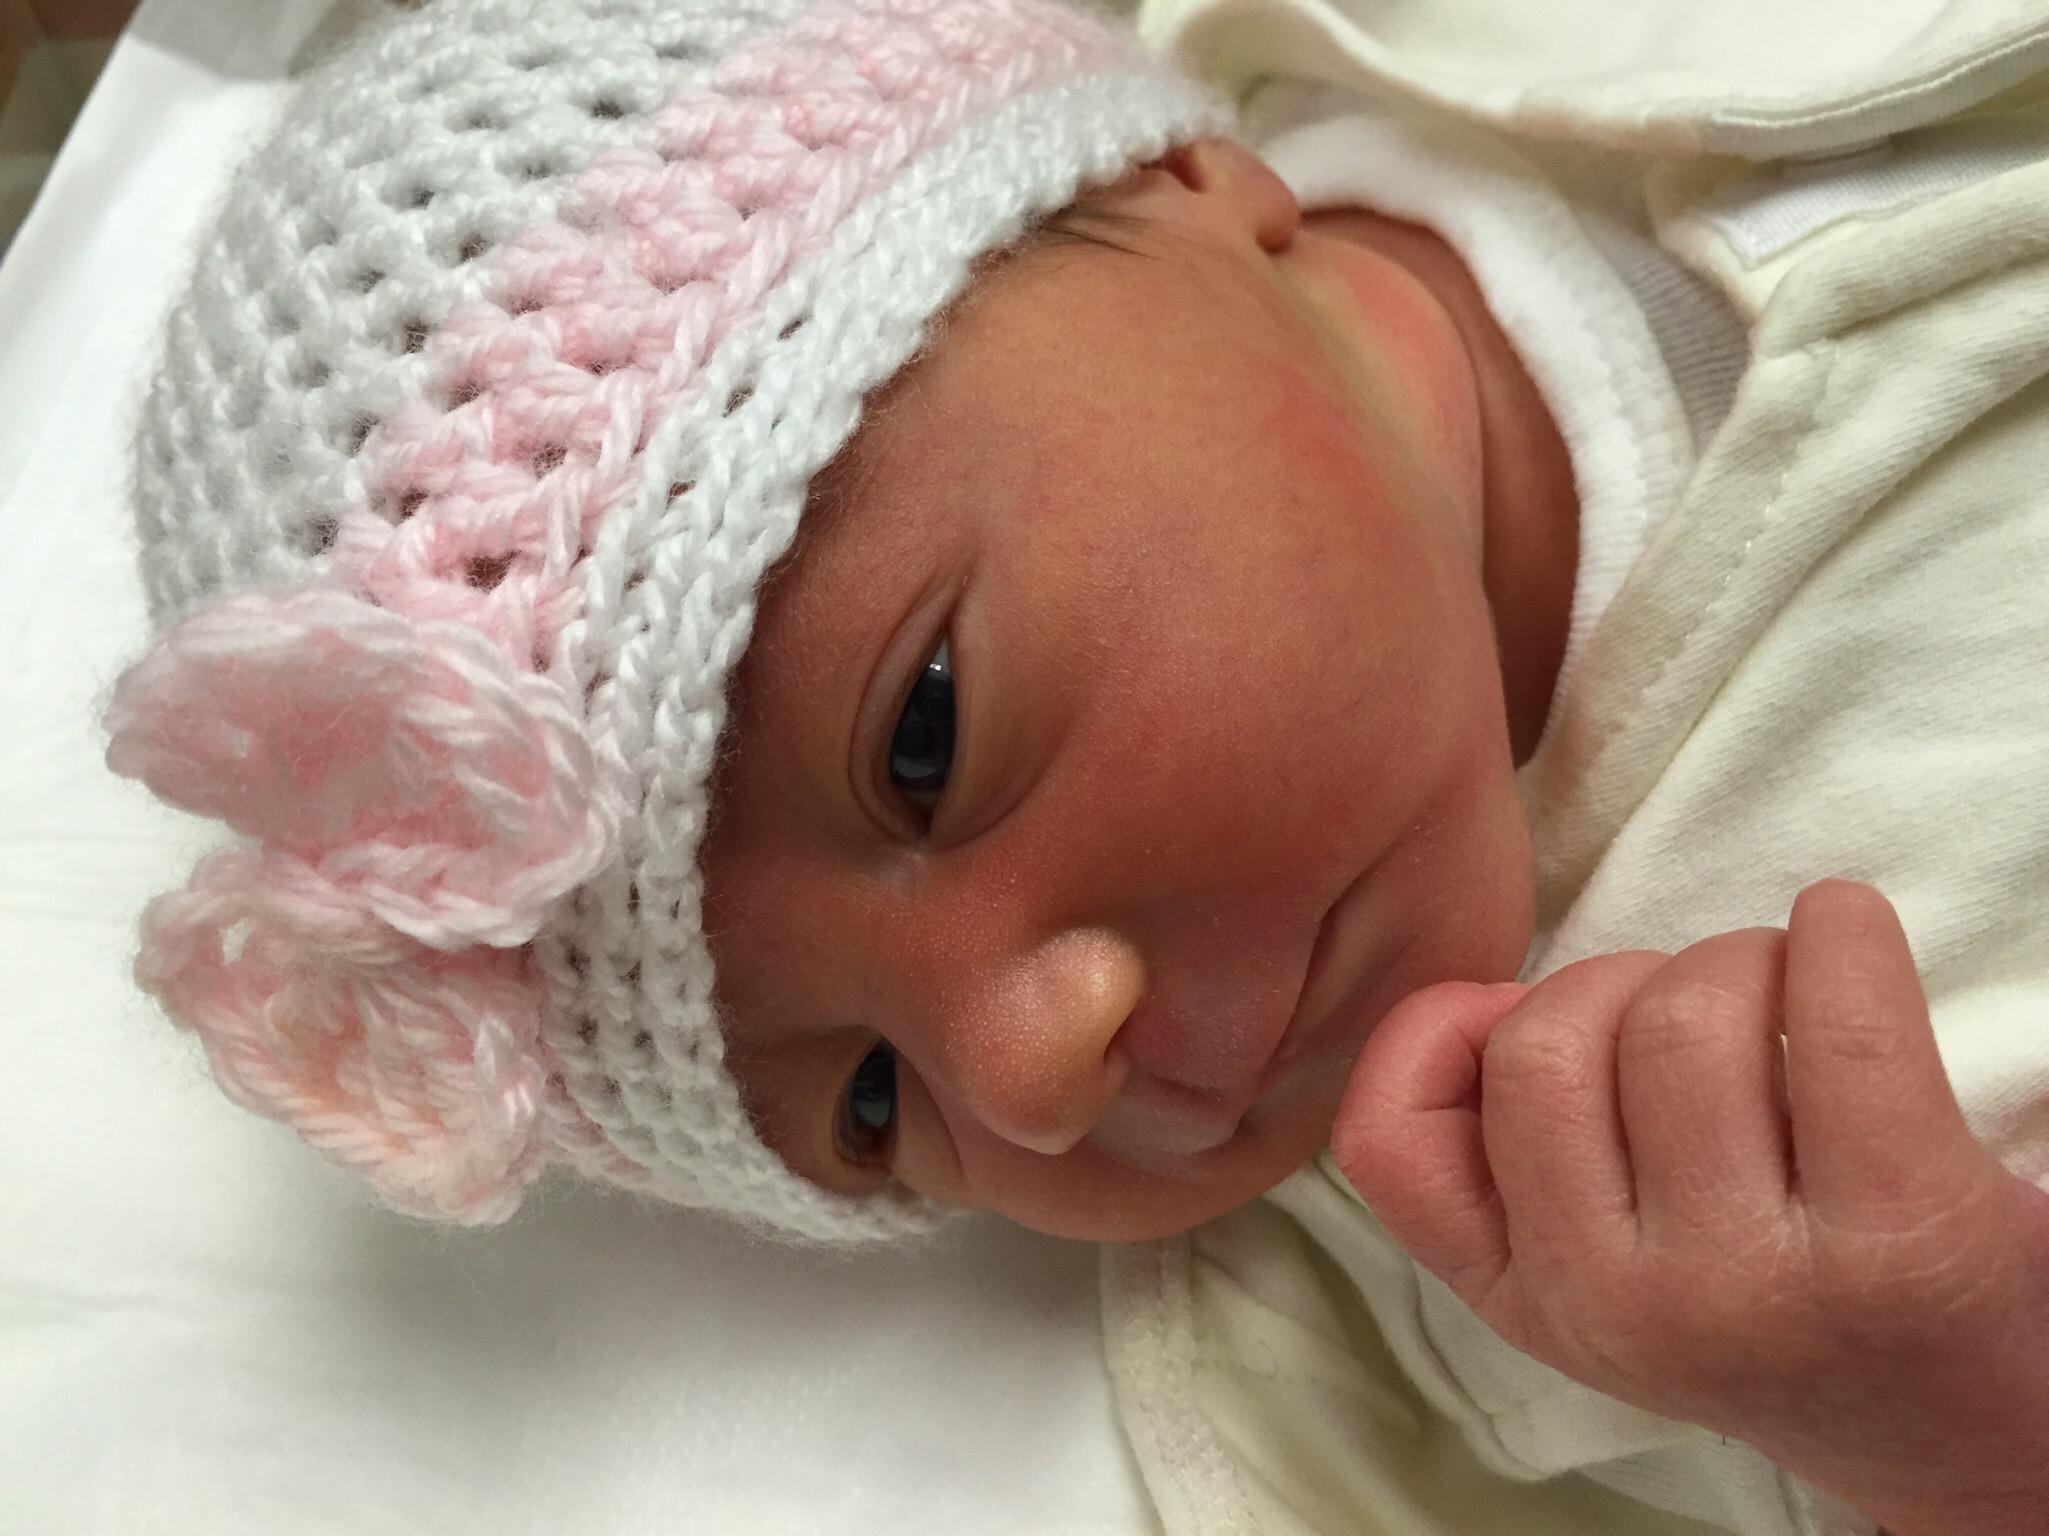 Newborn baby Ines